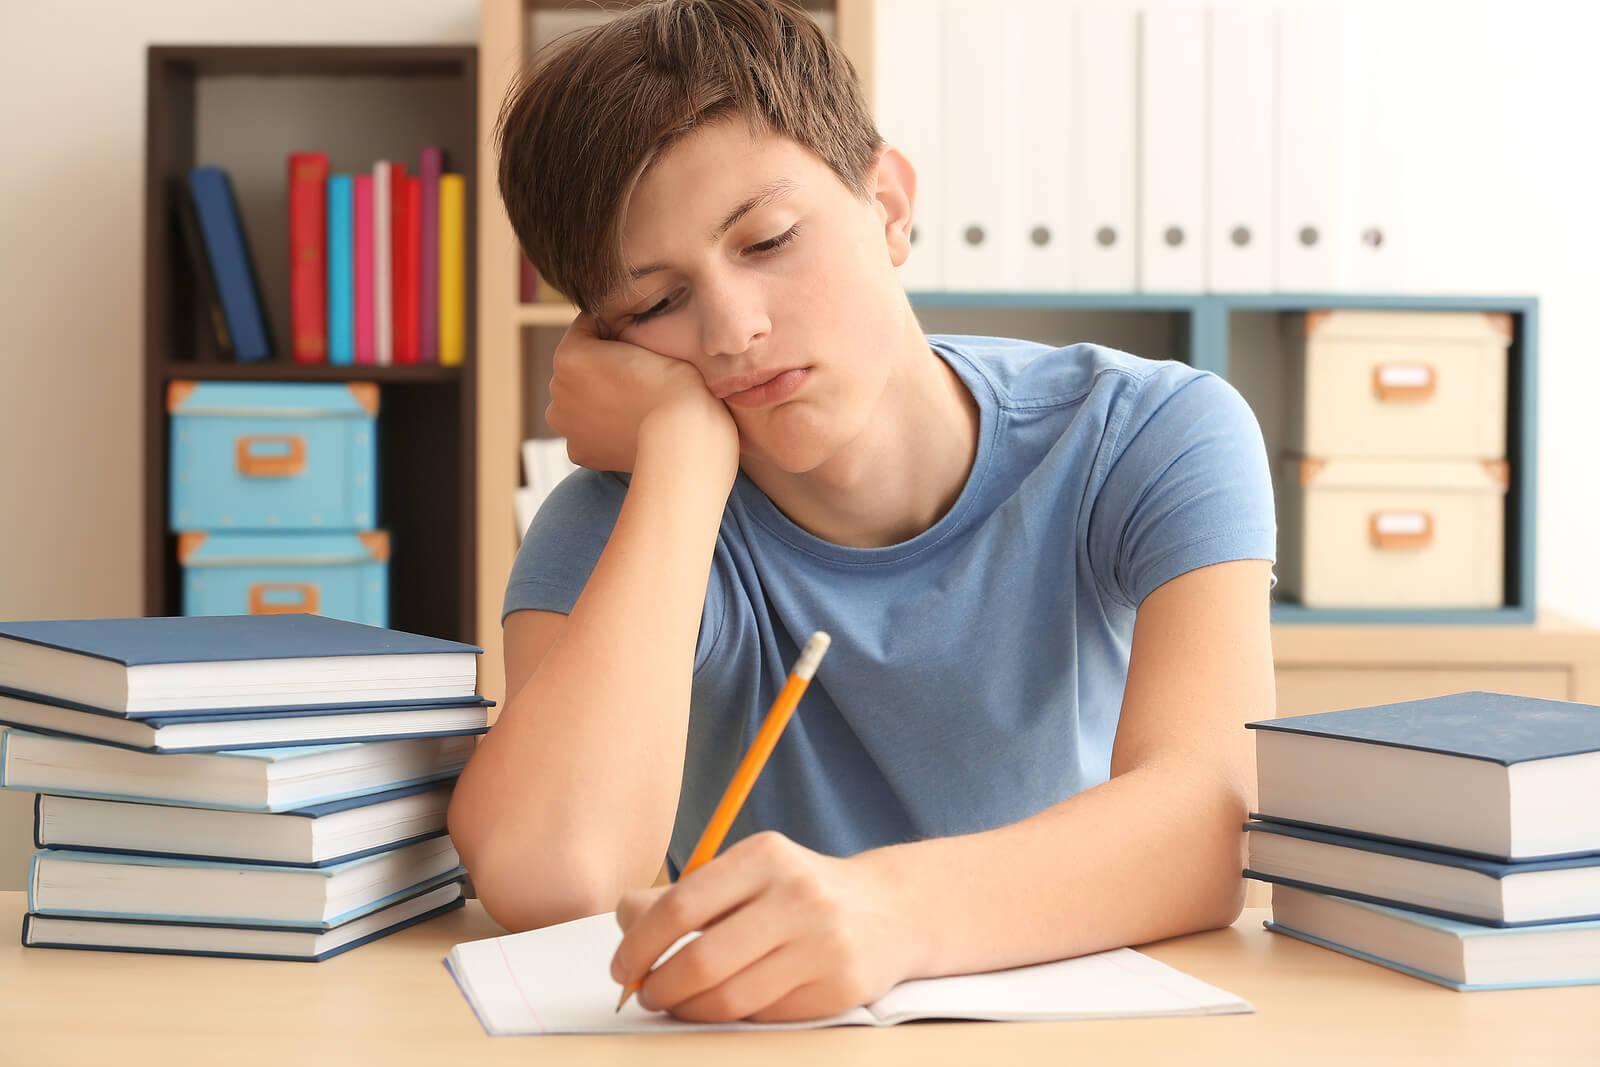 Adolescente haciendo deberes con apatía.